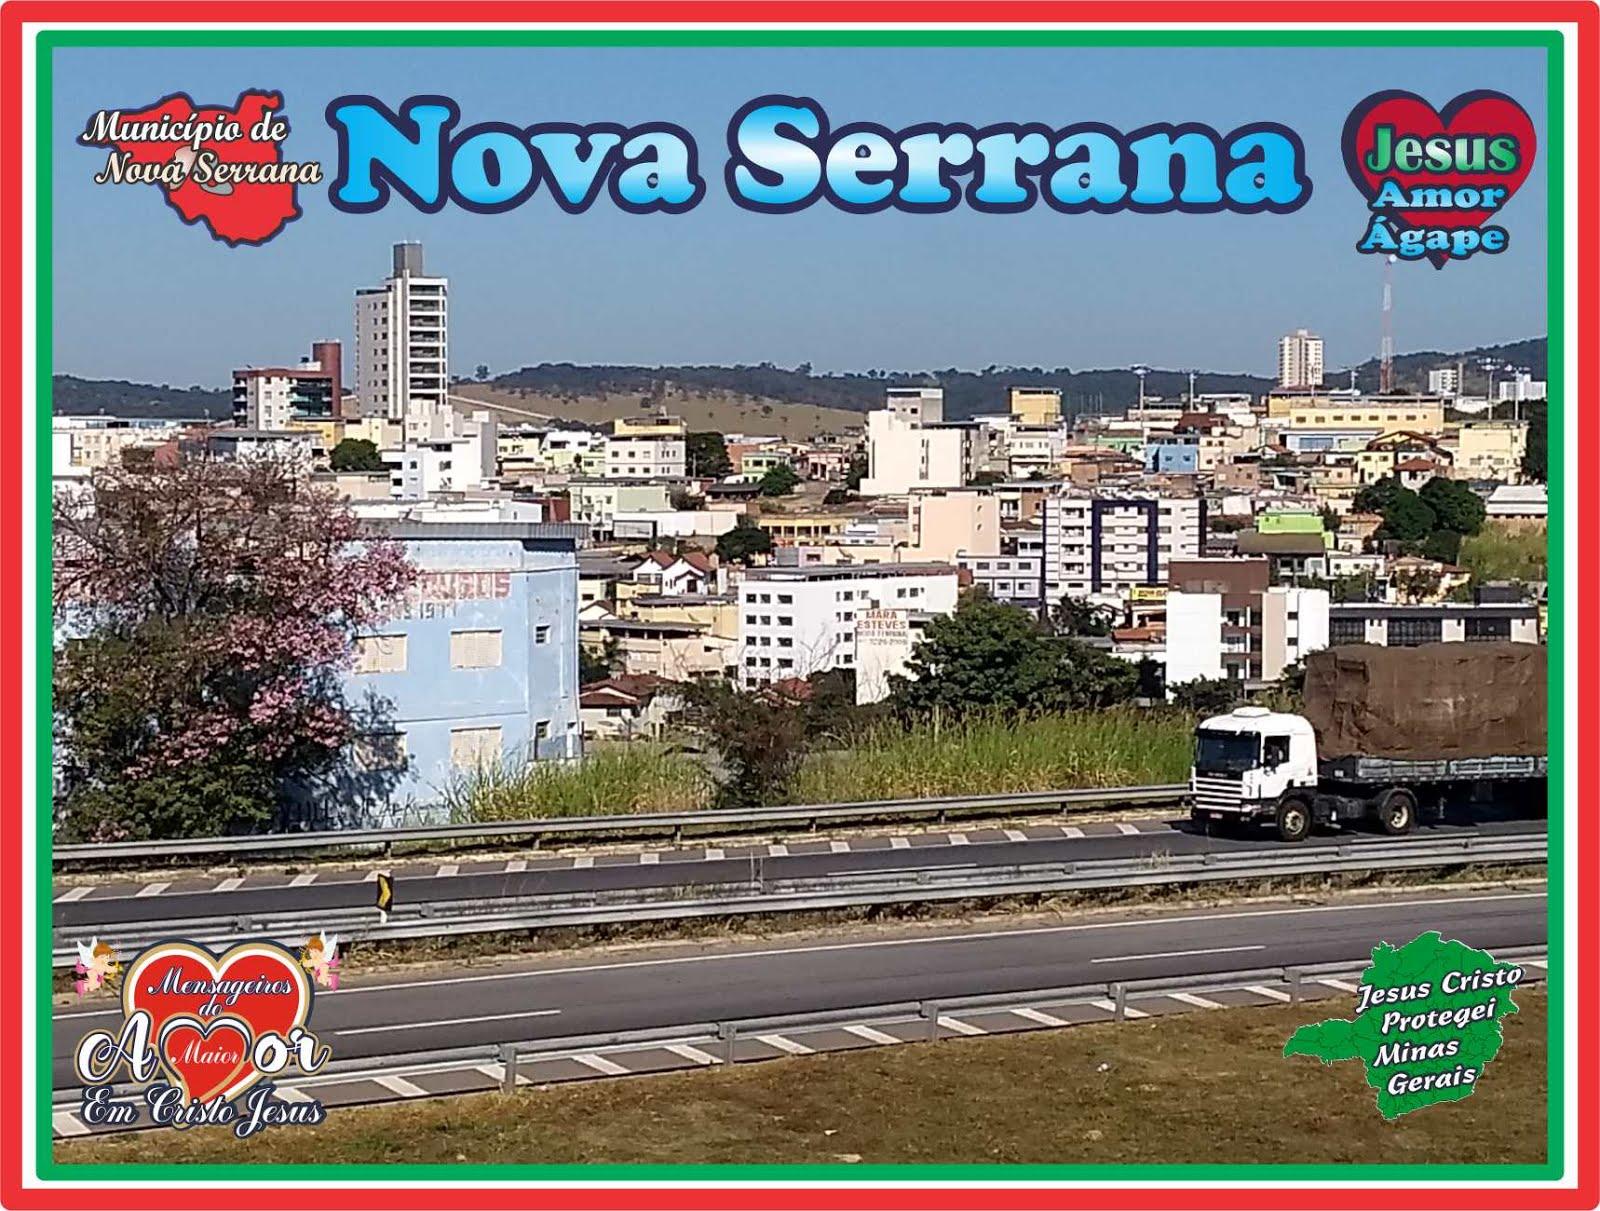 Nova Serrana Minas Gerais